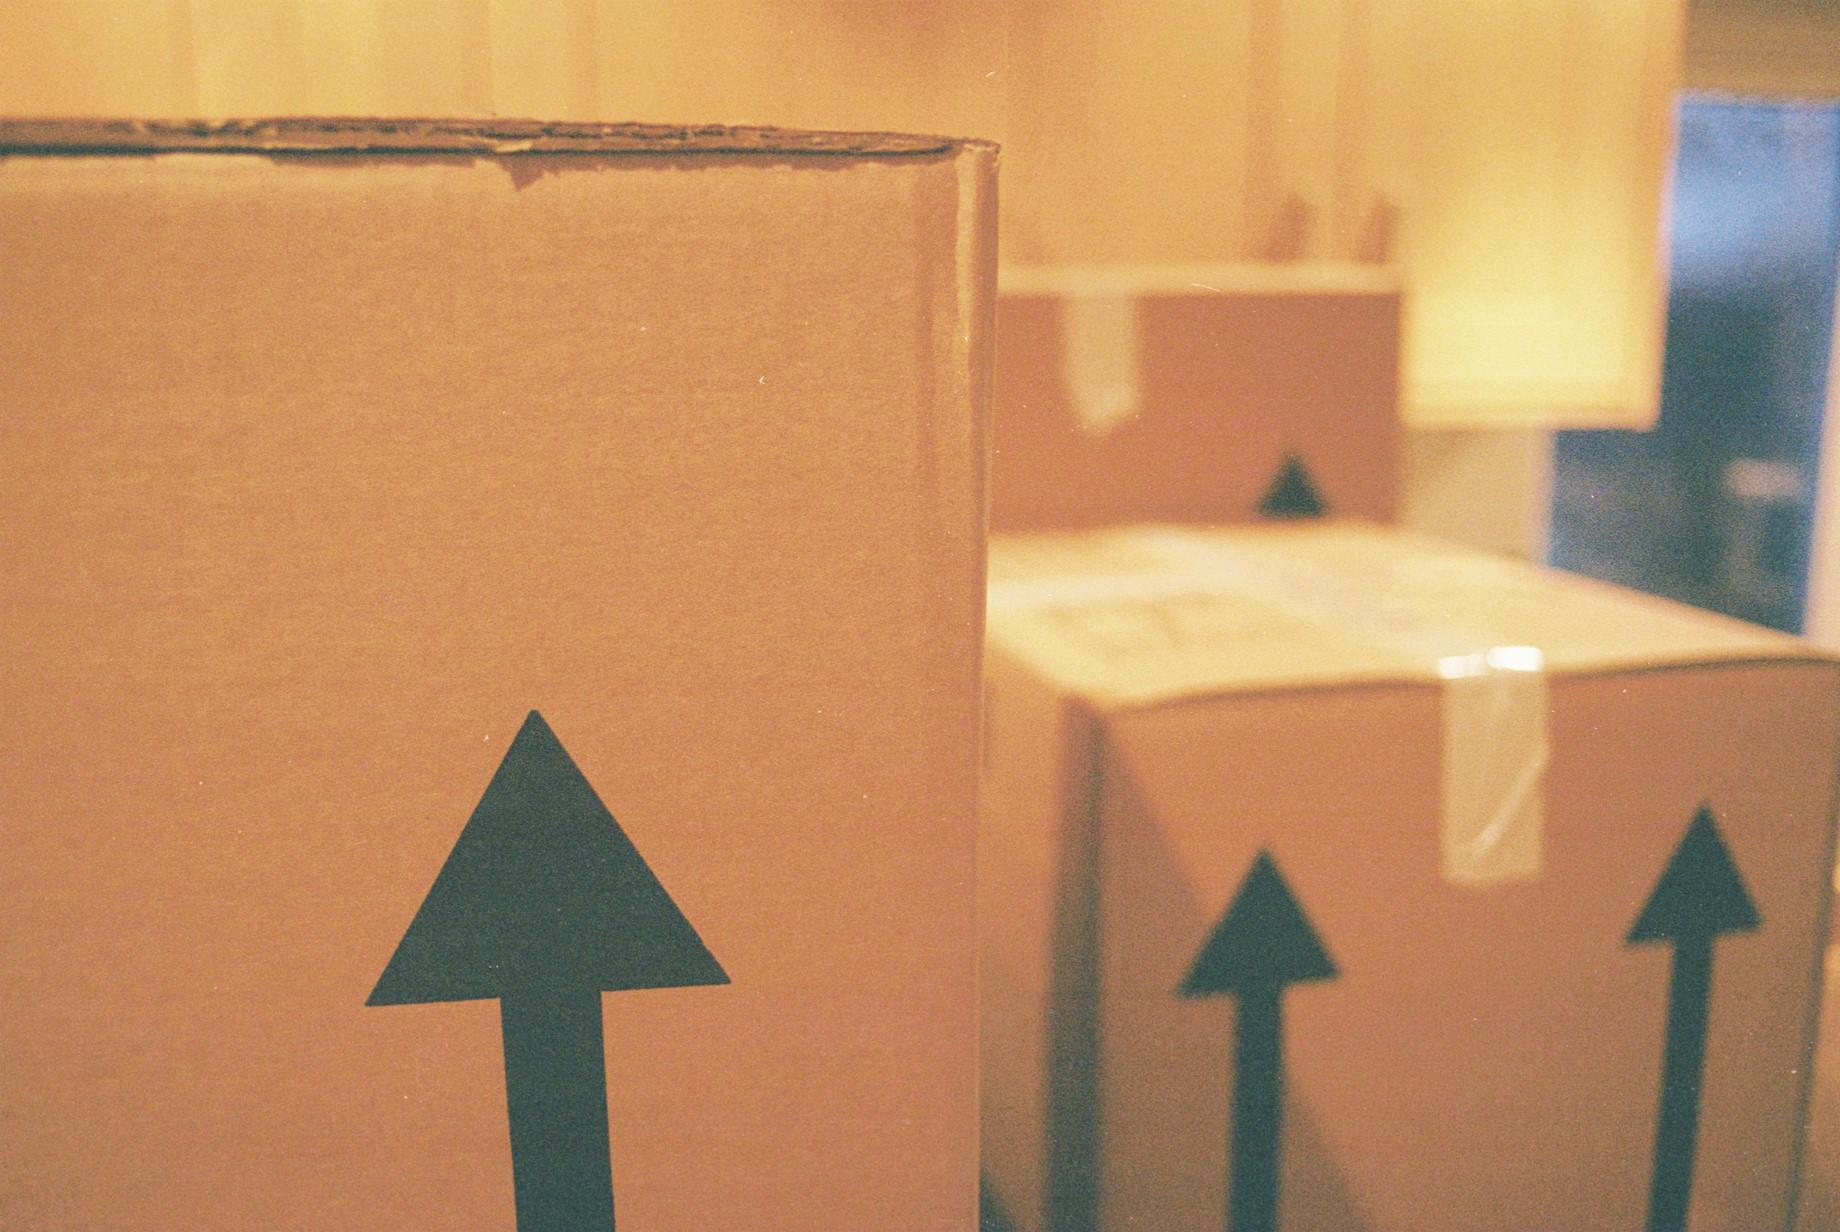 Оперативные и качественные квартирные переезды